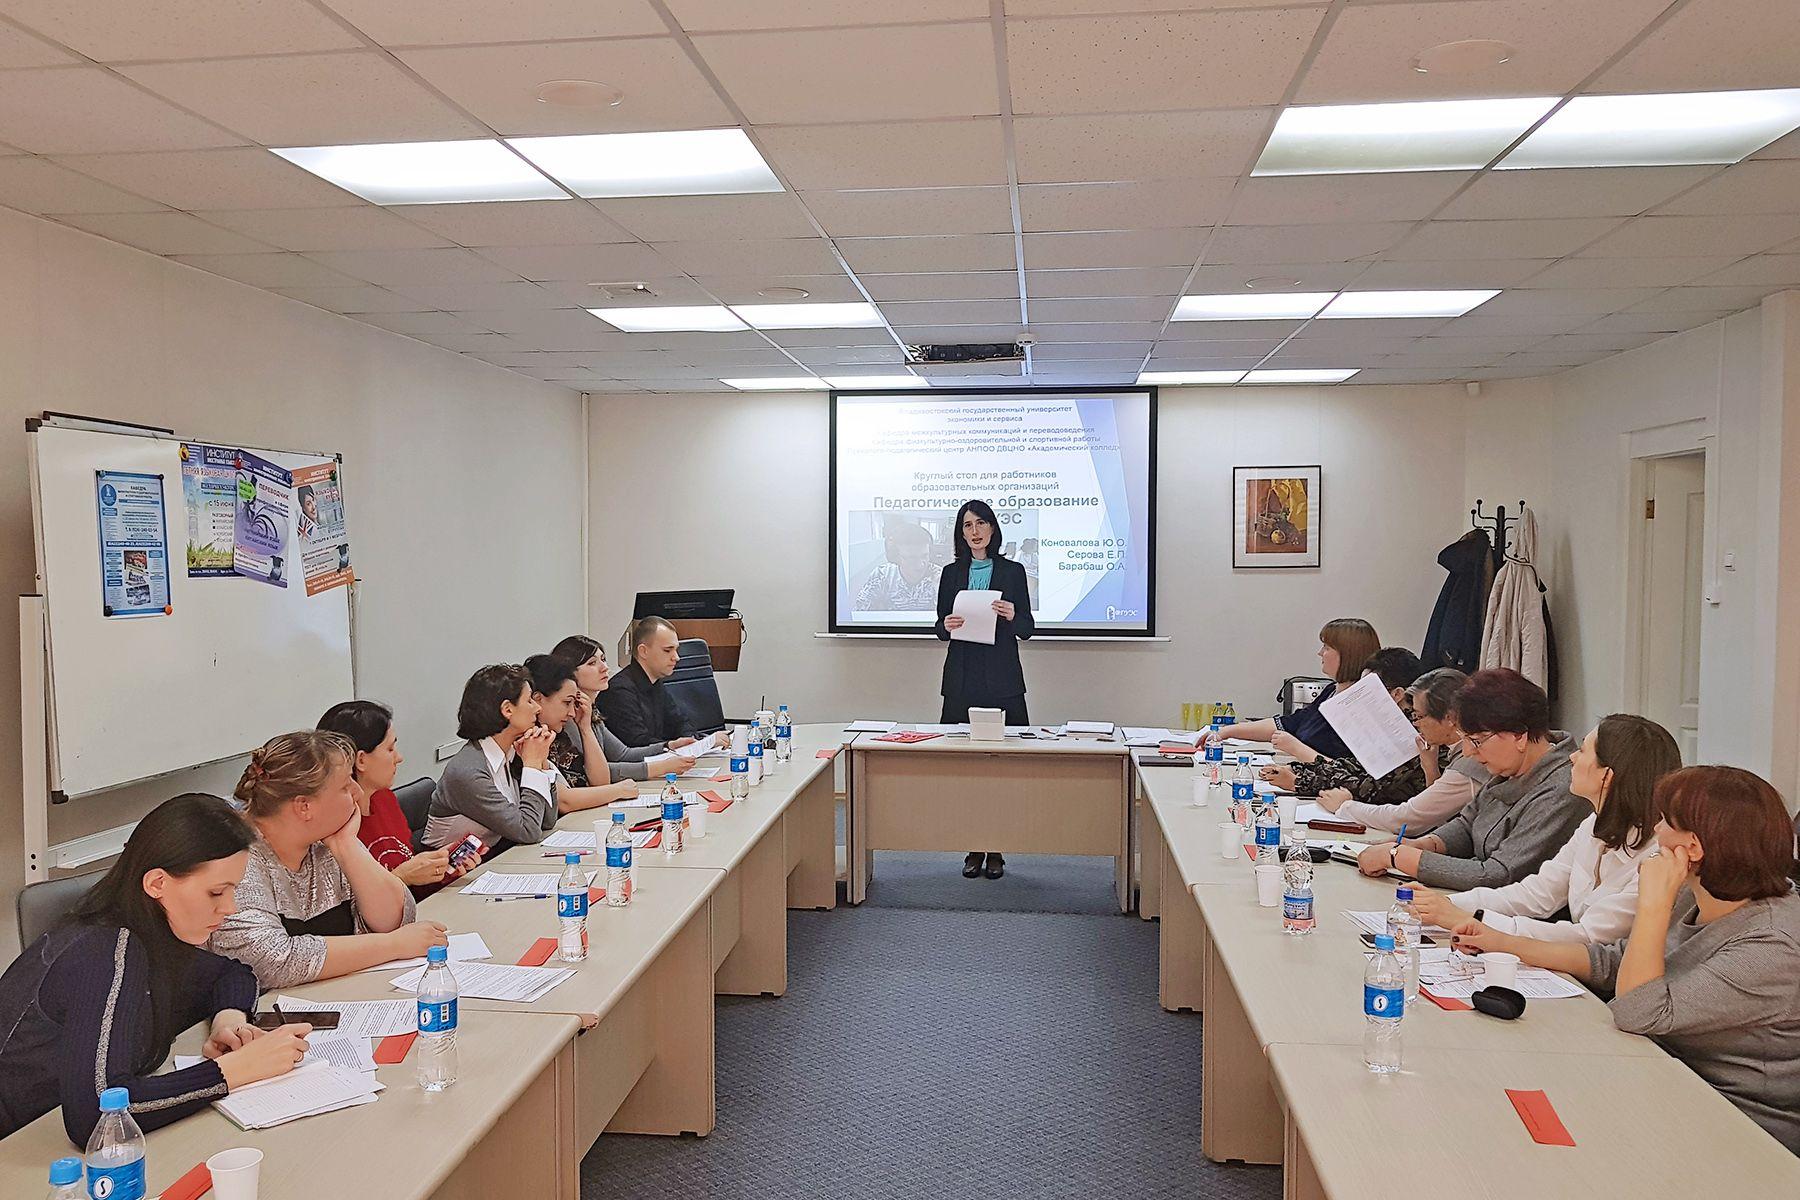 Педагогическое образование во ВГУЭС: первый шаг на пути к решению кадрового вопроса в Приморье